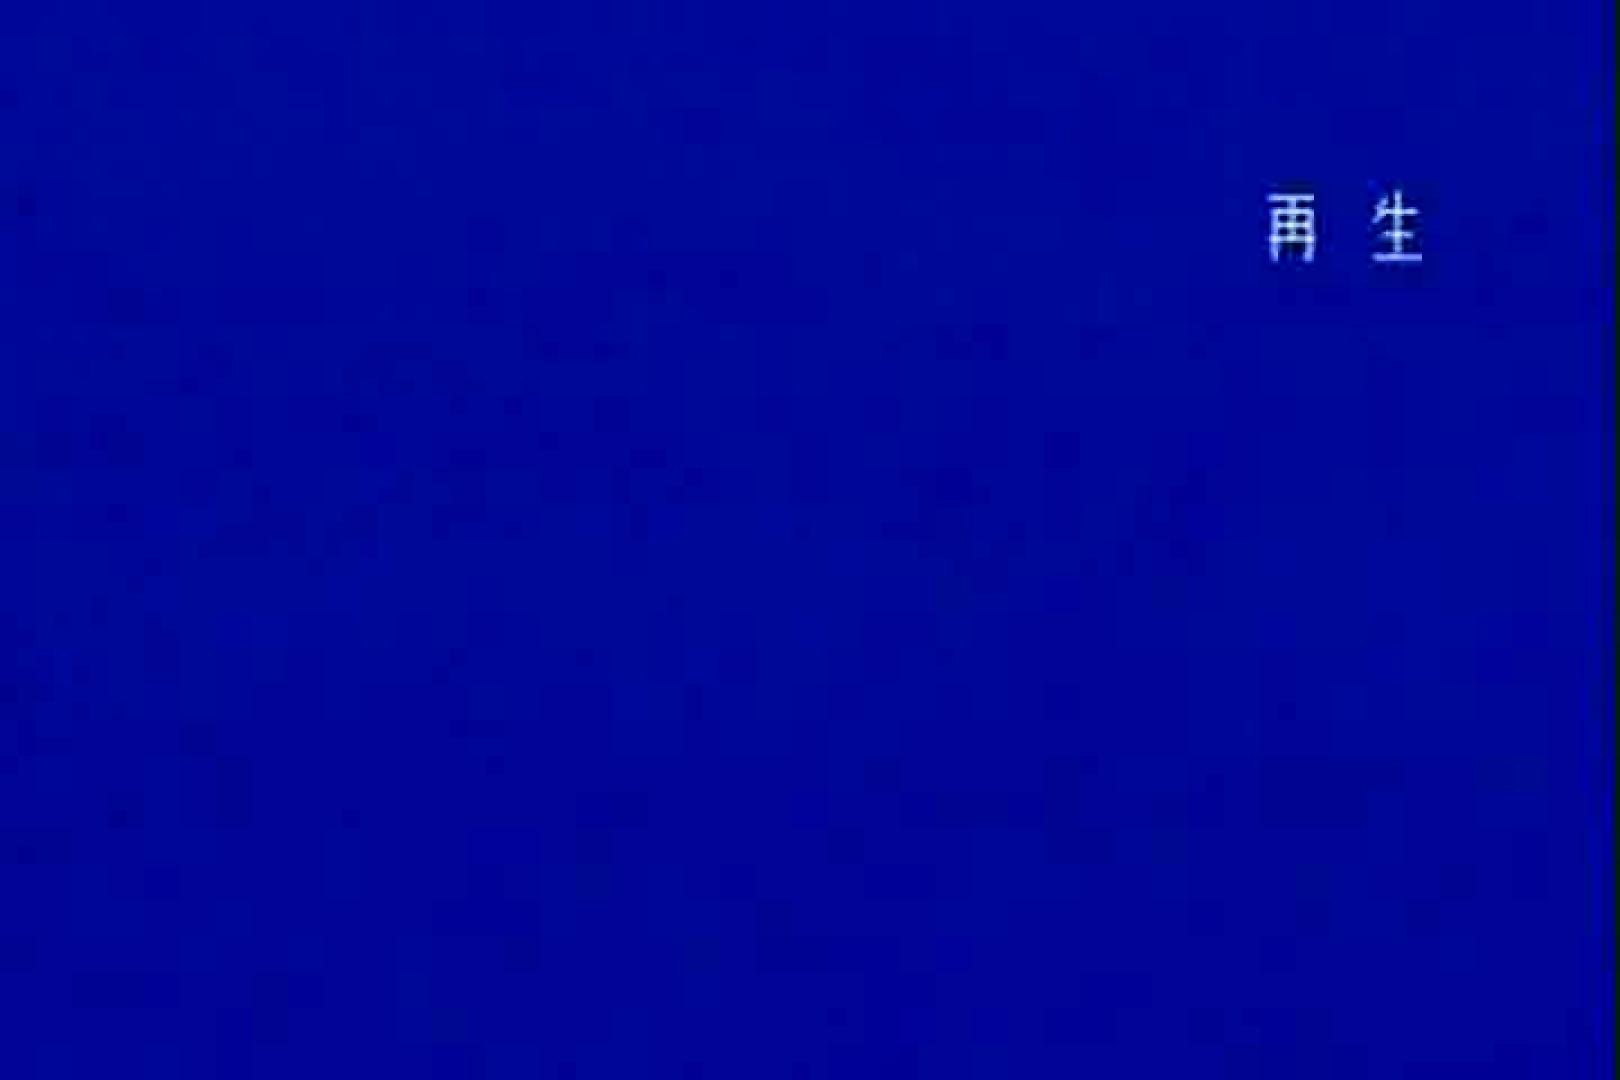 「ちくりん」さんのオリジナル未編集パンチラVol.4_02 チラ   パンチラハメ撮り  28pic 9